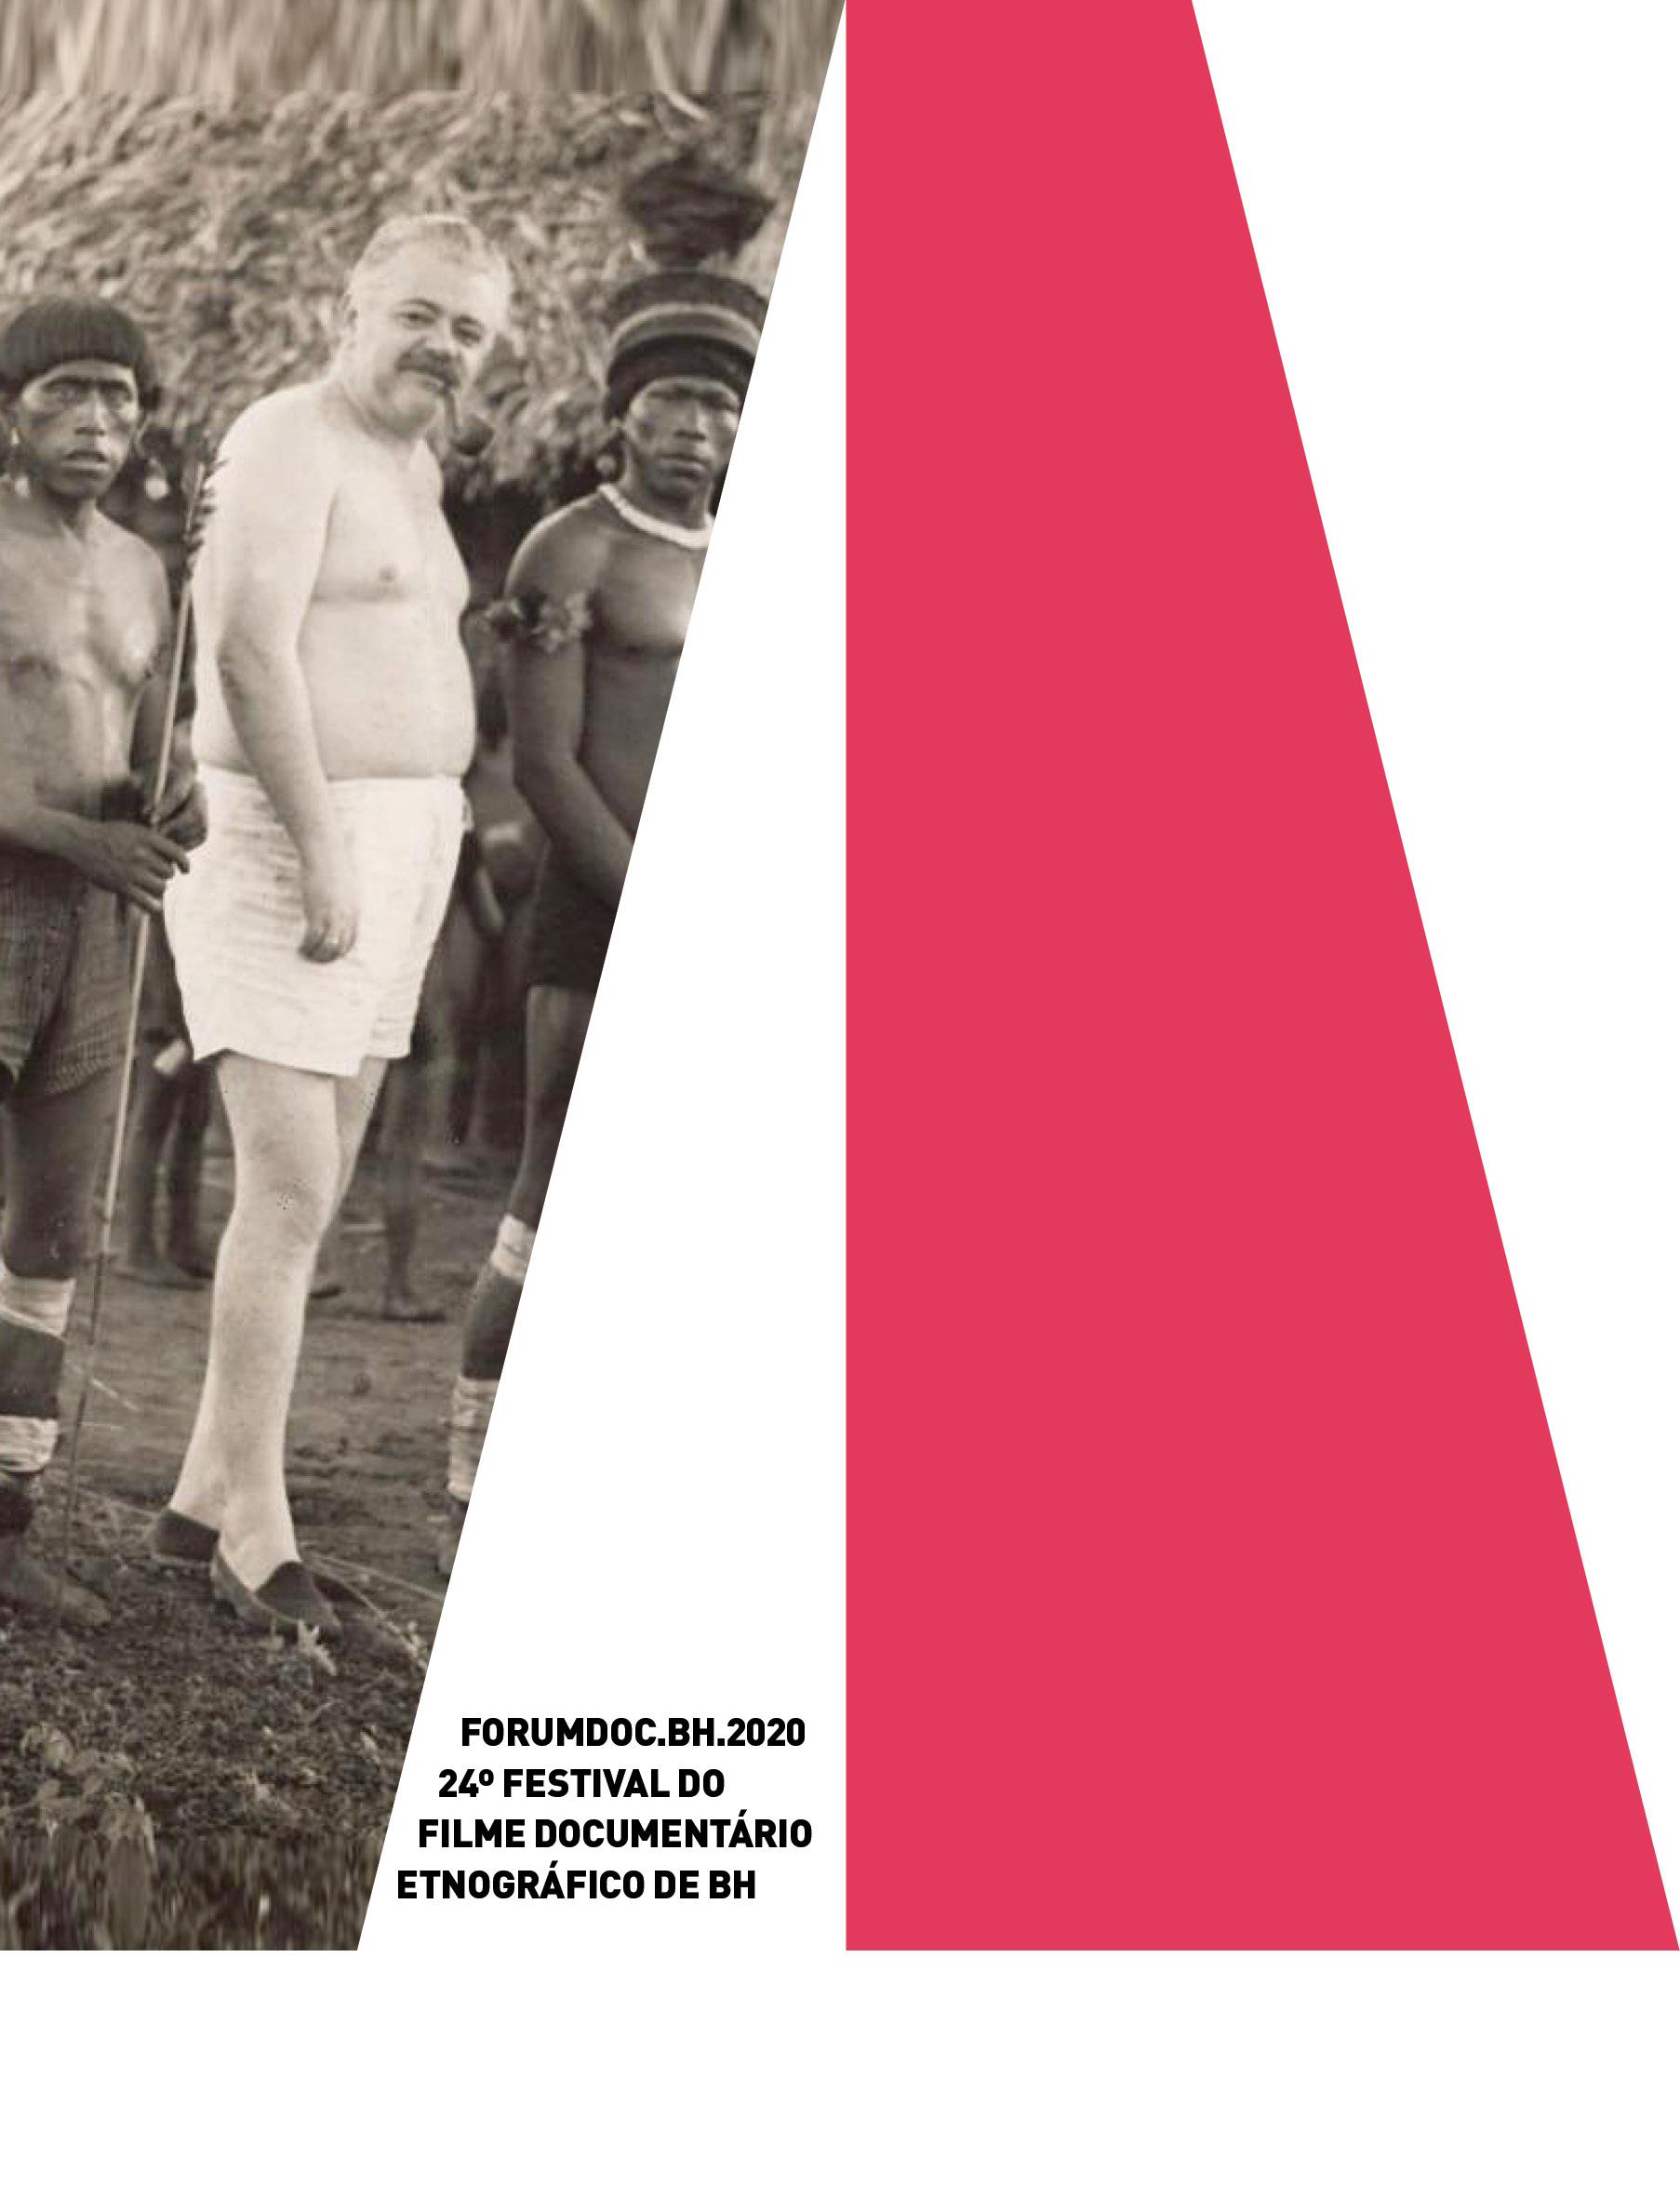 Evento: FORUMDOC.BH.2020 | Narrativas históricas e antropológicas em cena